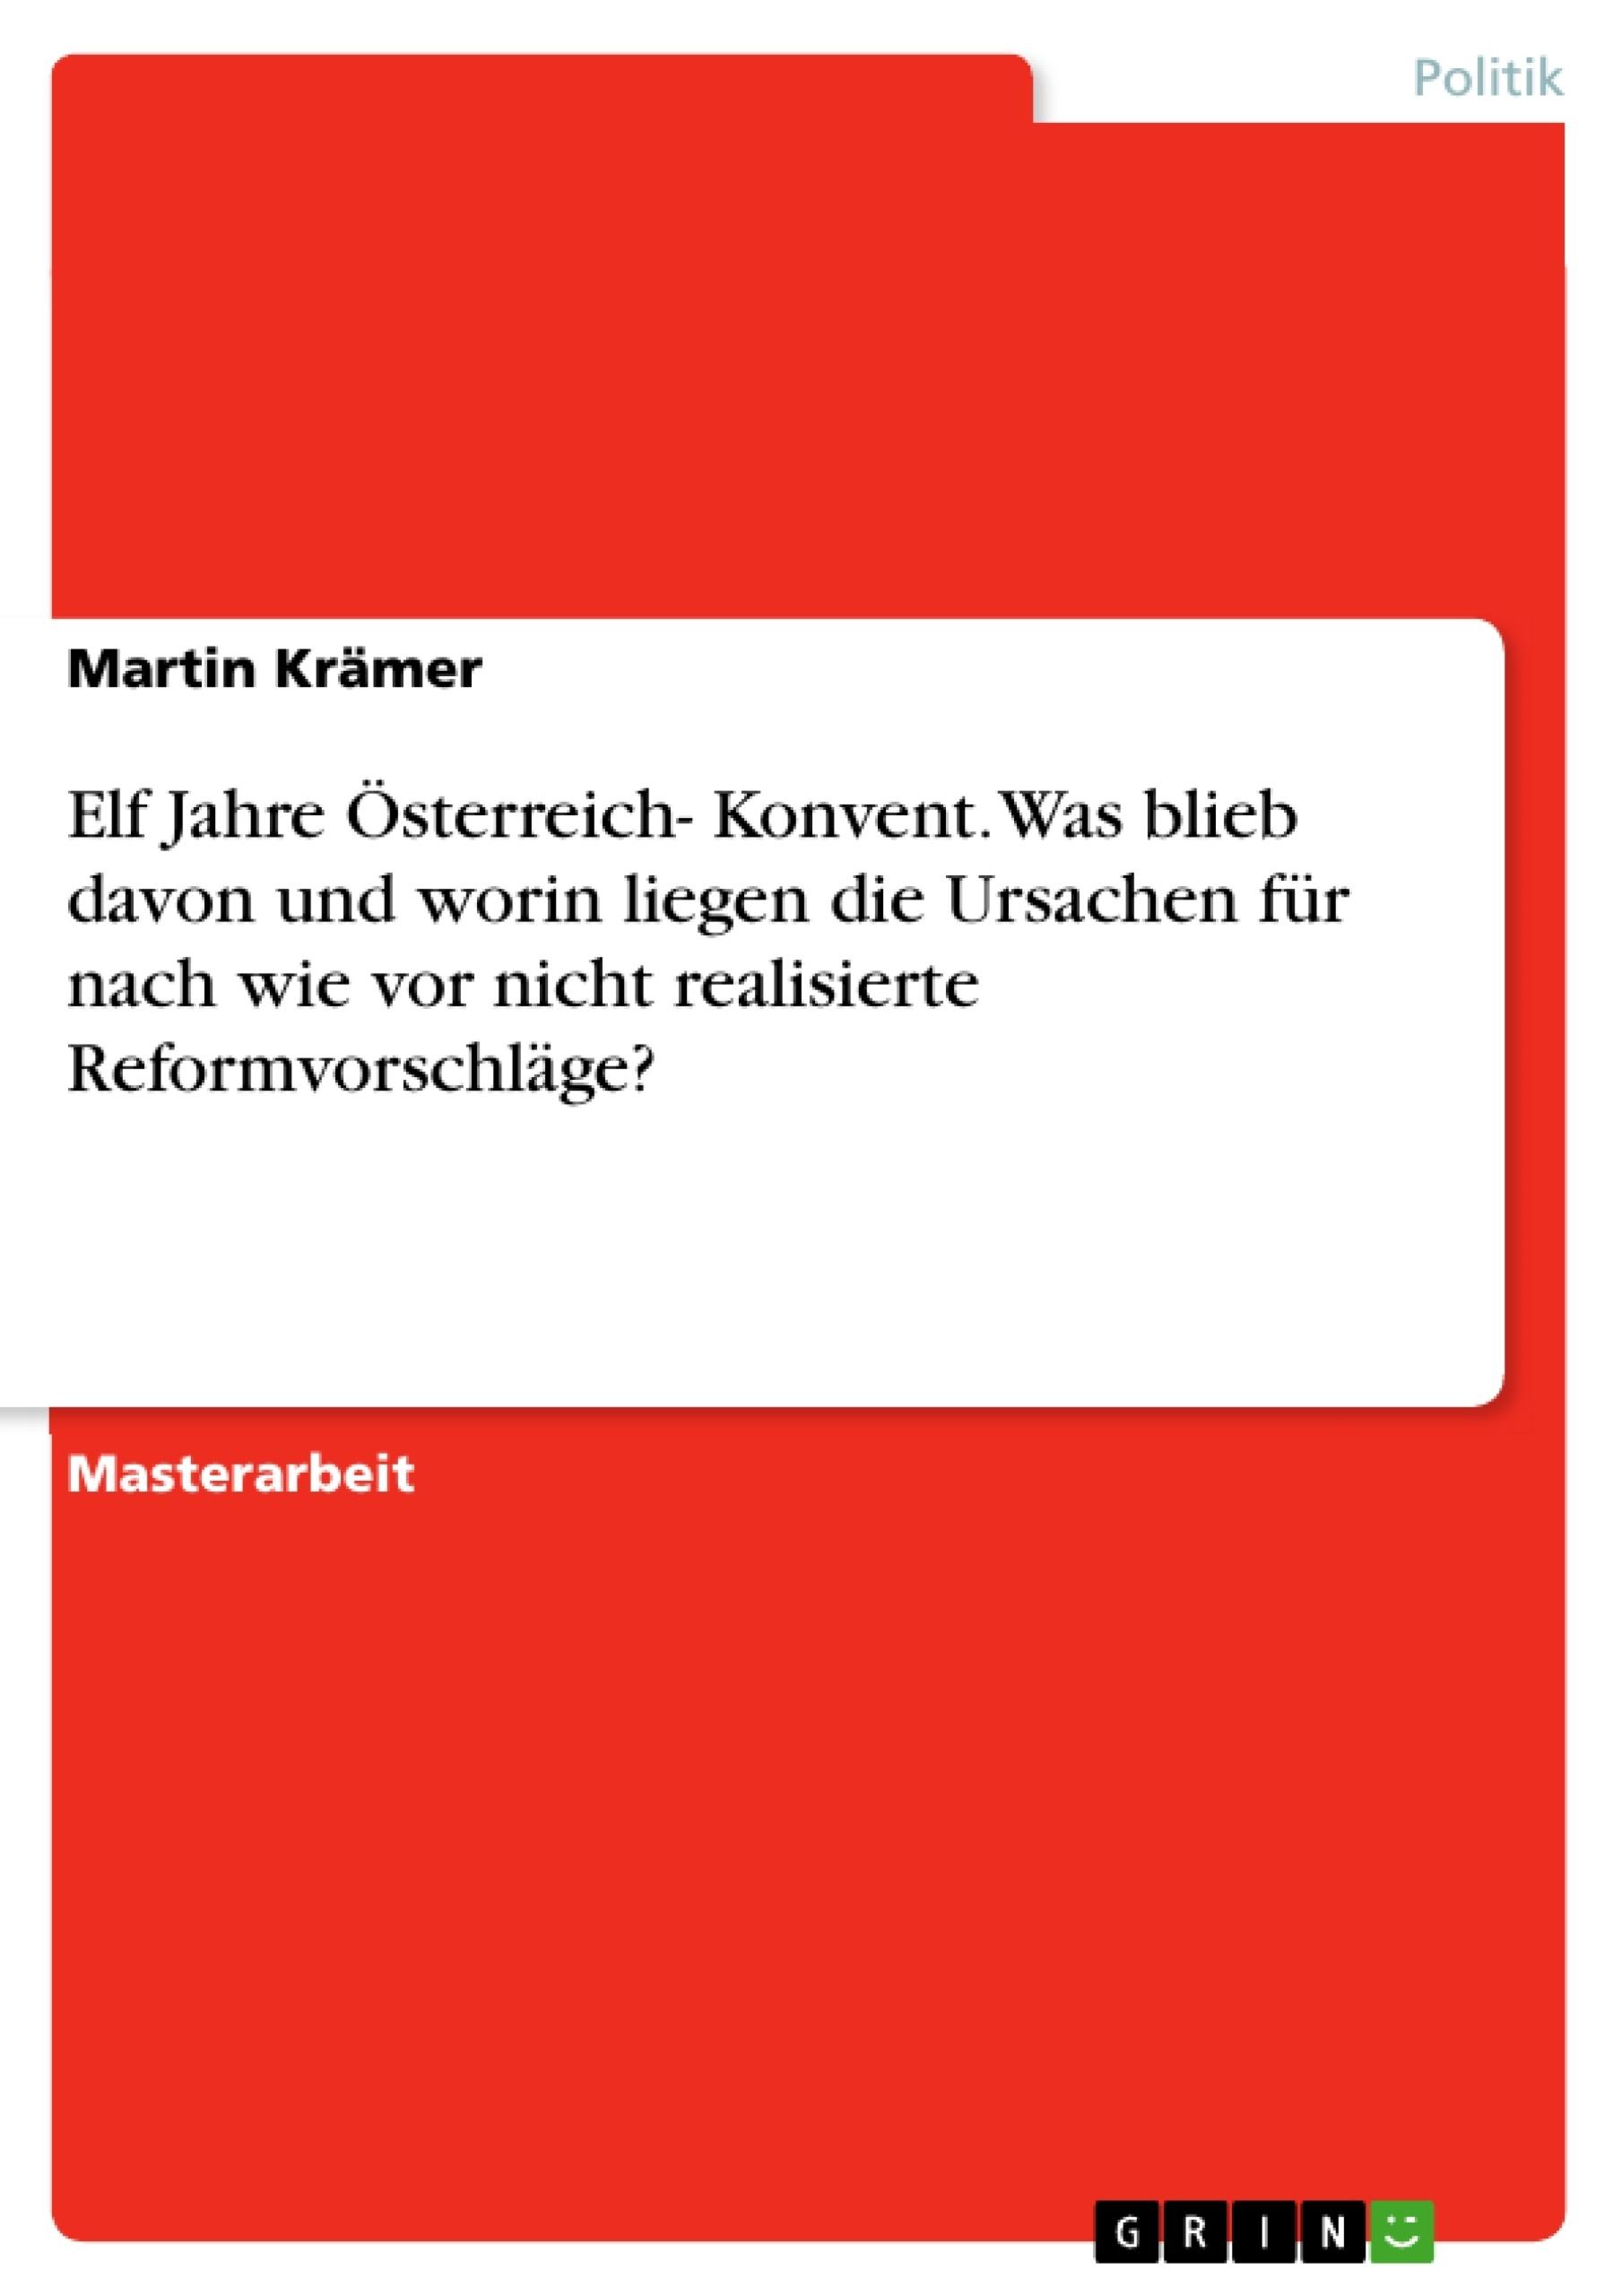 Titel: Elf Jahre Österreich- Konvent. Was blieb davon und worin liegen die Ursachen für nach wie vor nicht realisierte Reformvorschläge?